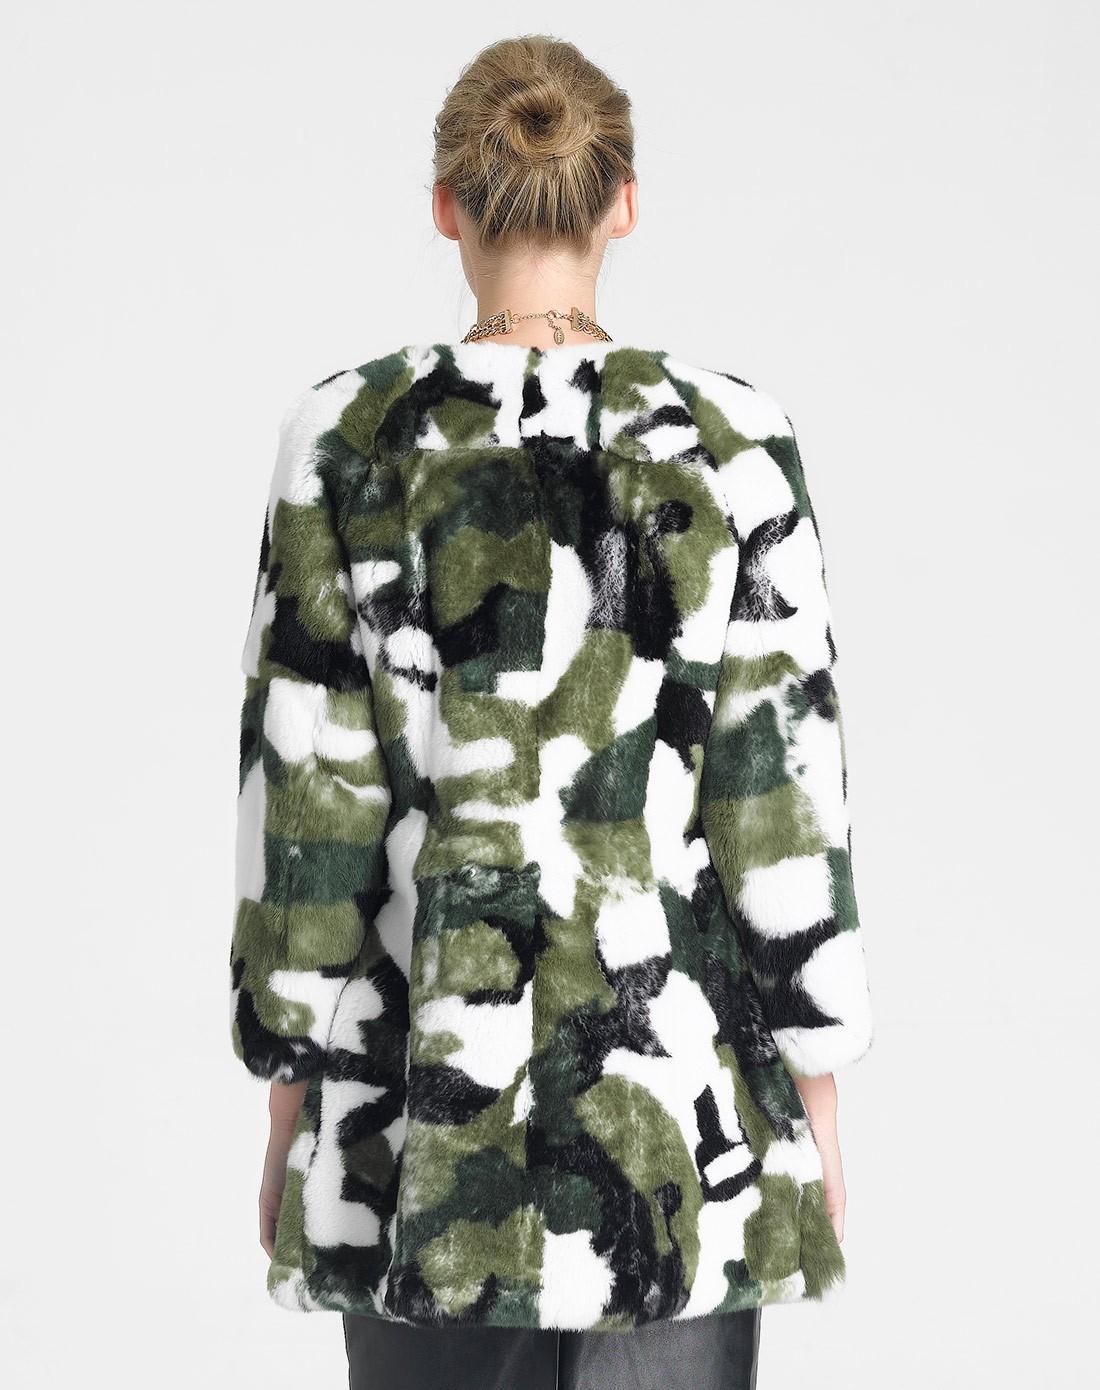 lublin皮草女式绿色獭兔迷彩时尚外套8320000219